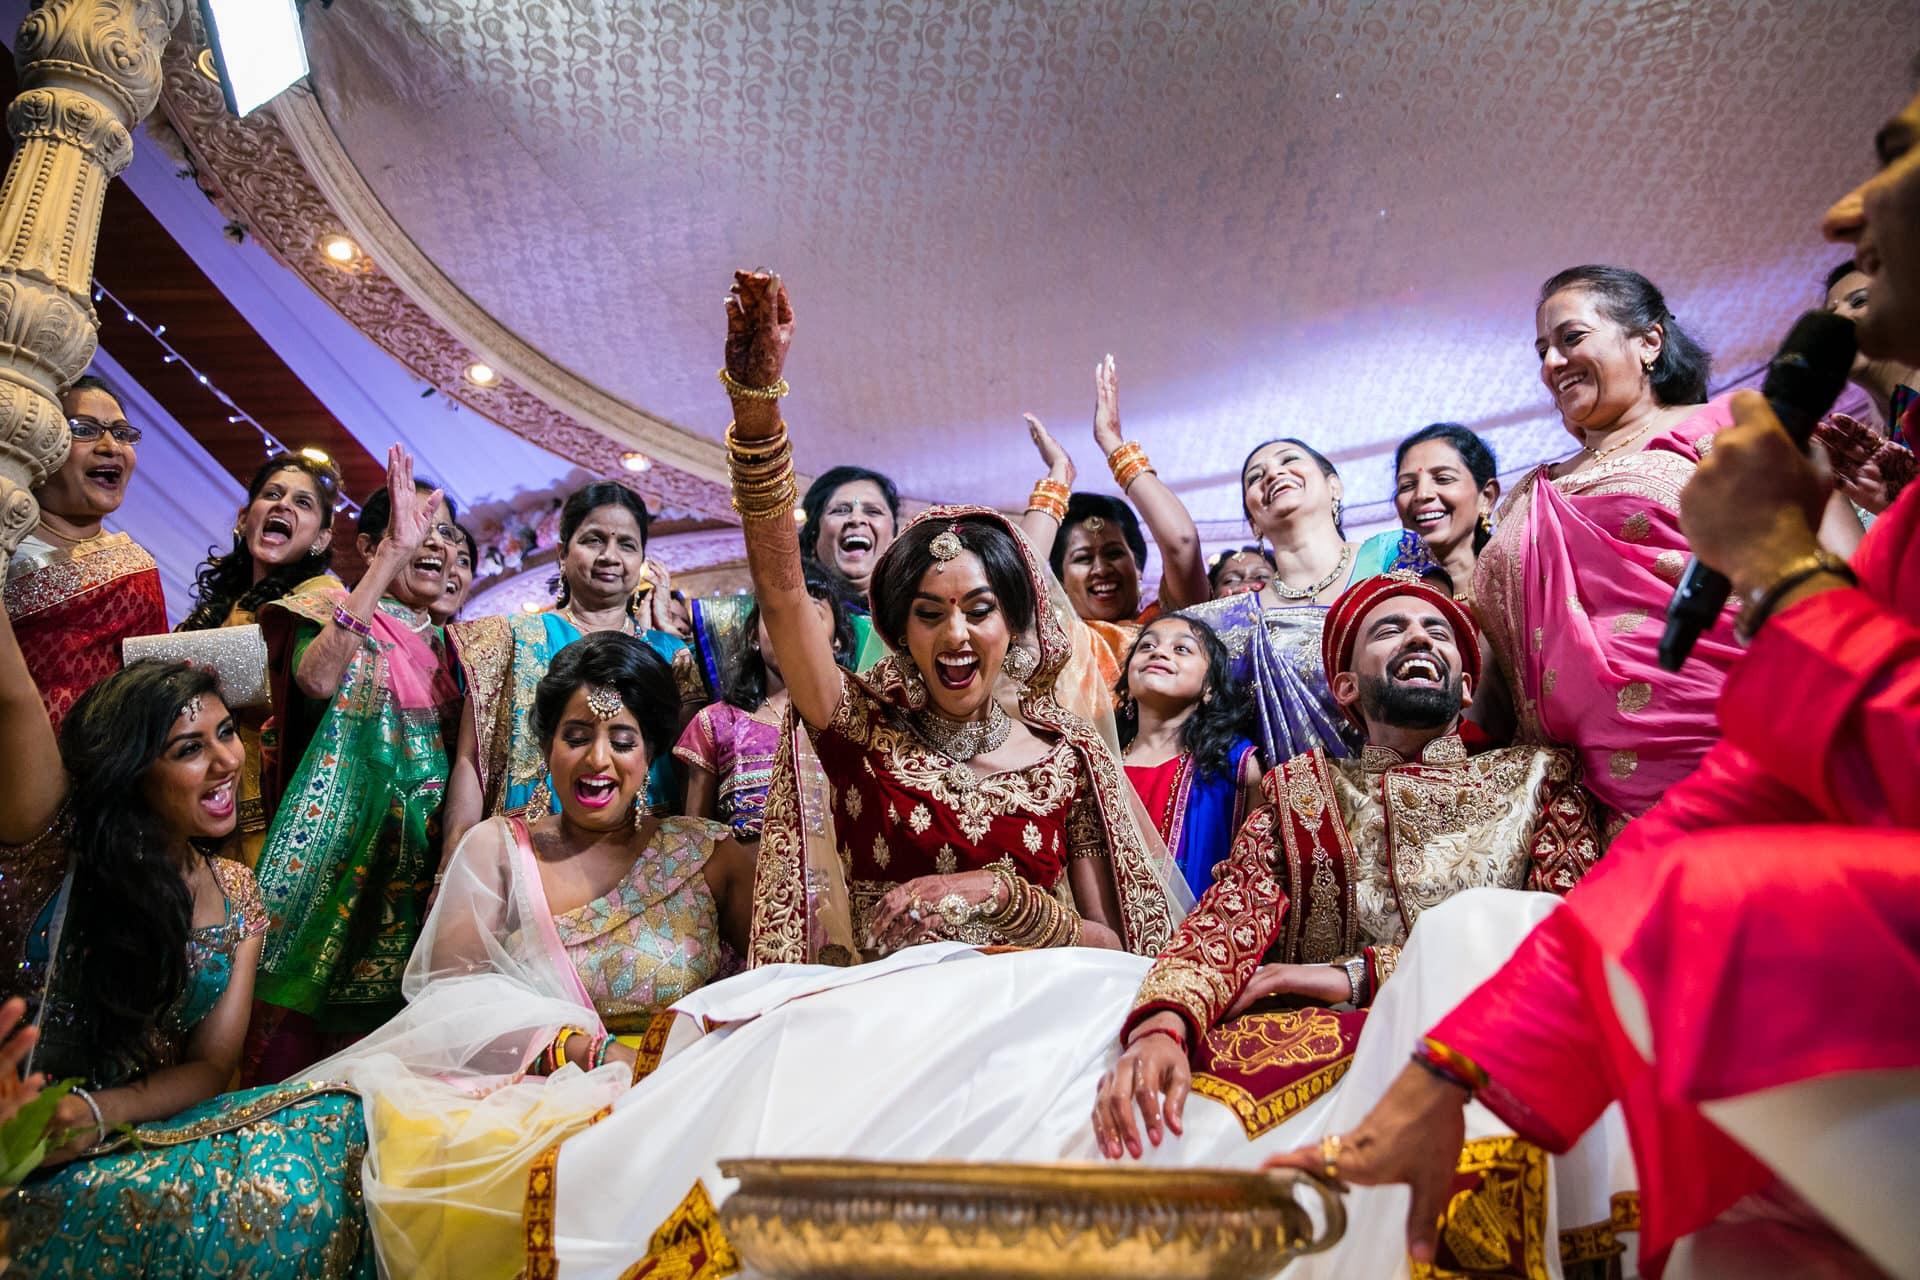 Indian bride and groom playing koda kodi